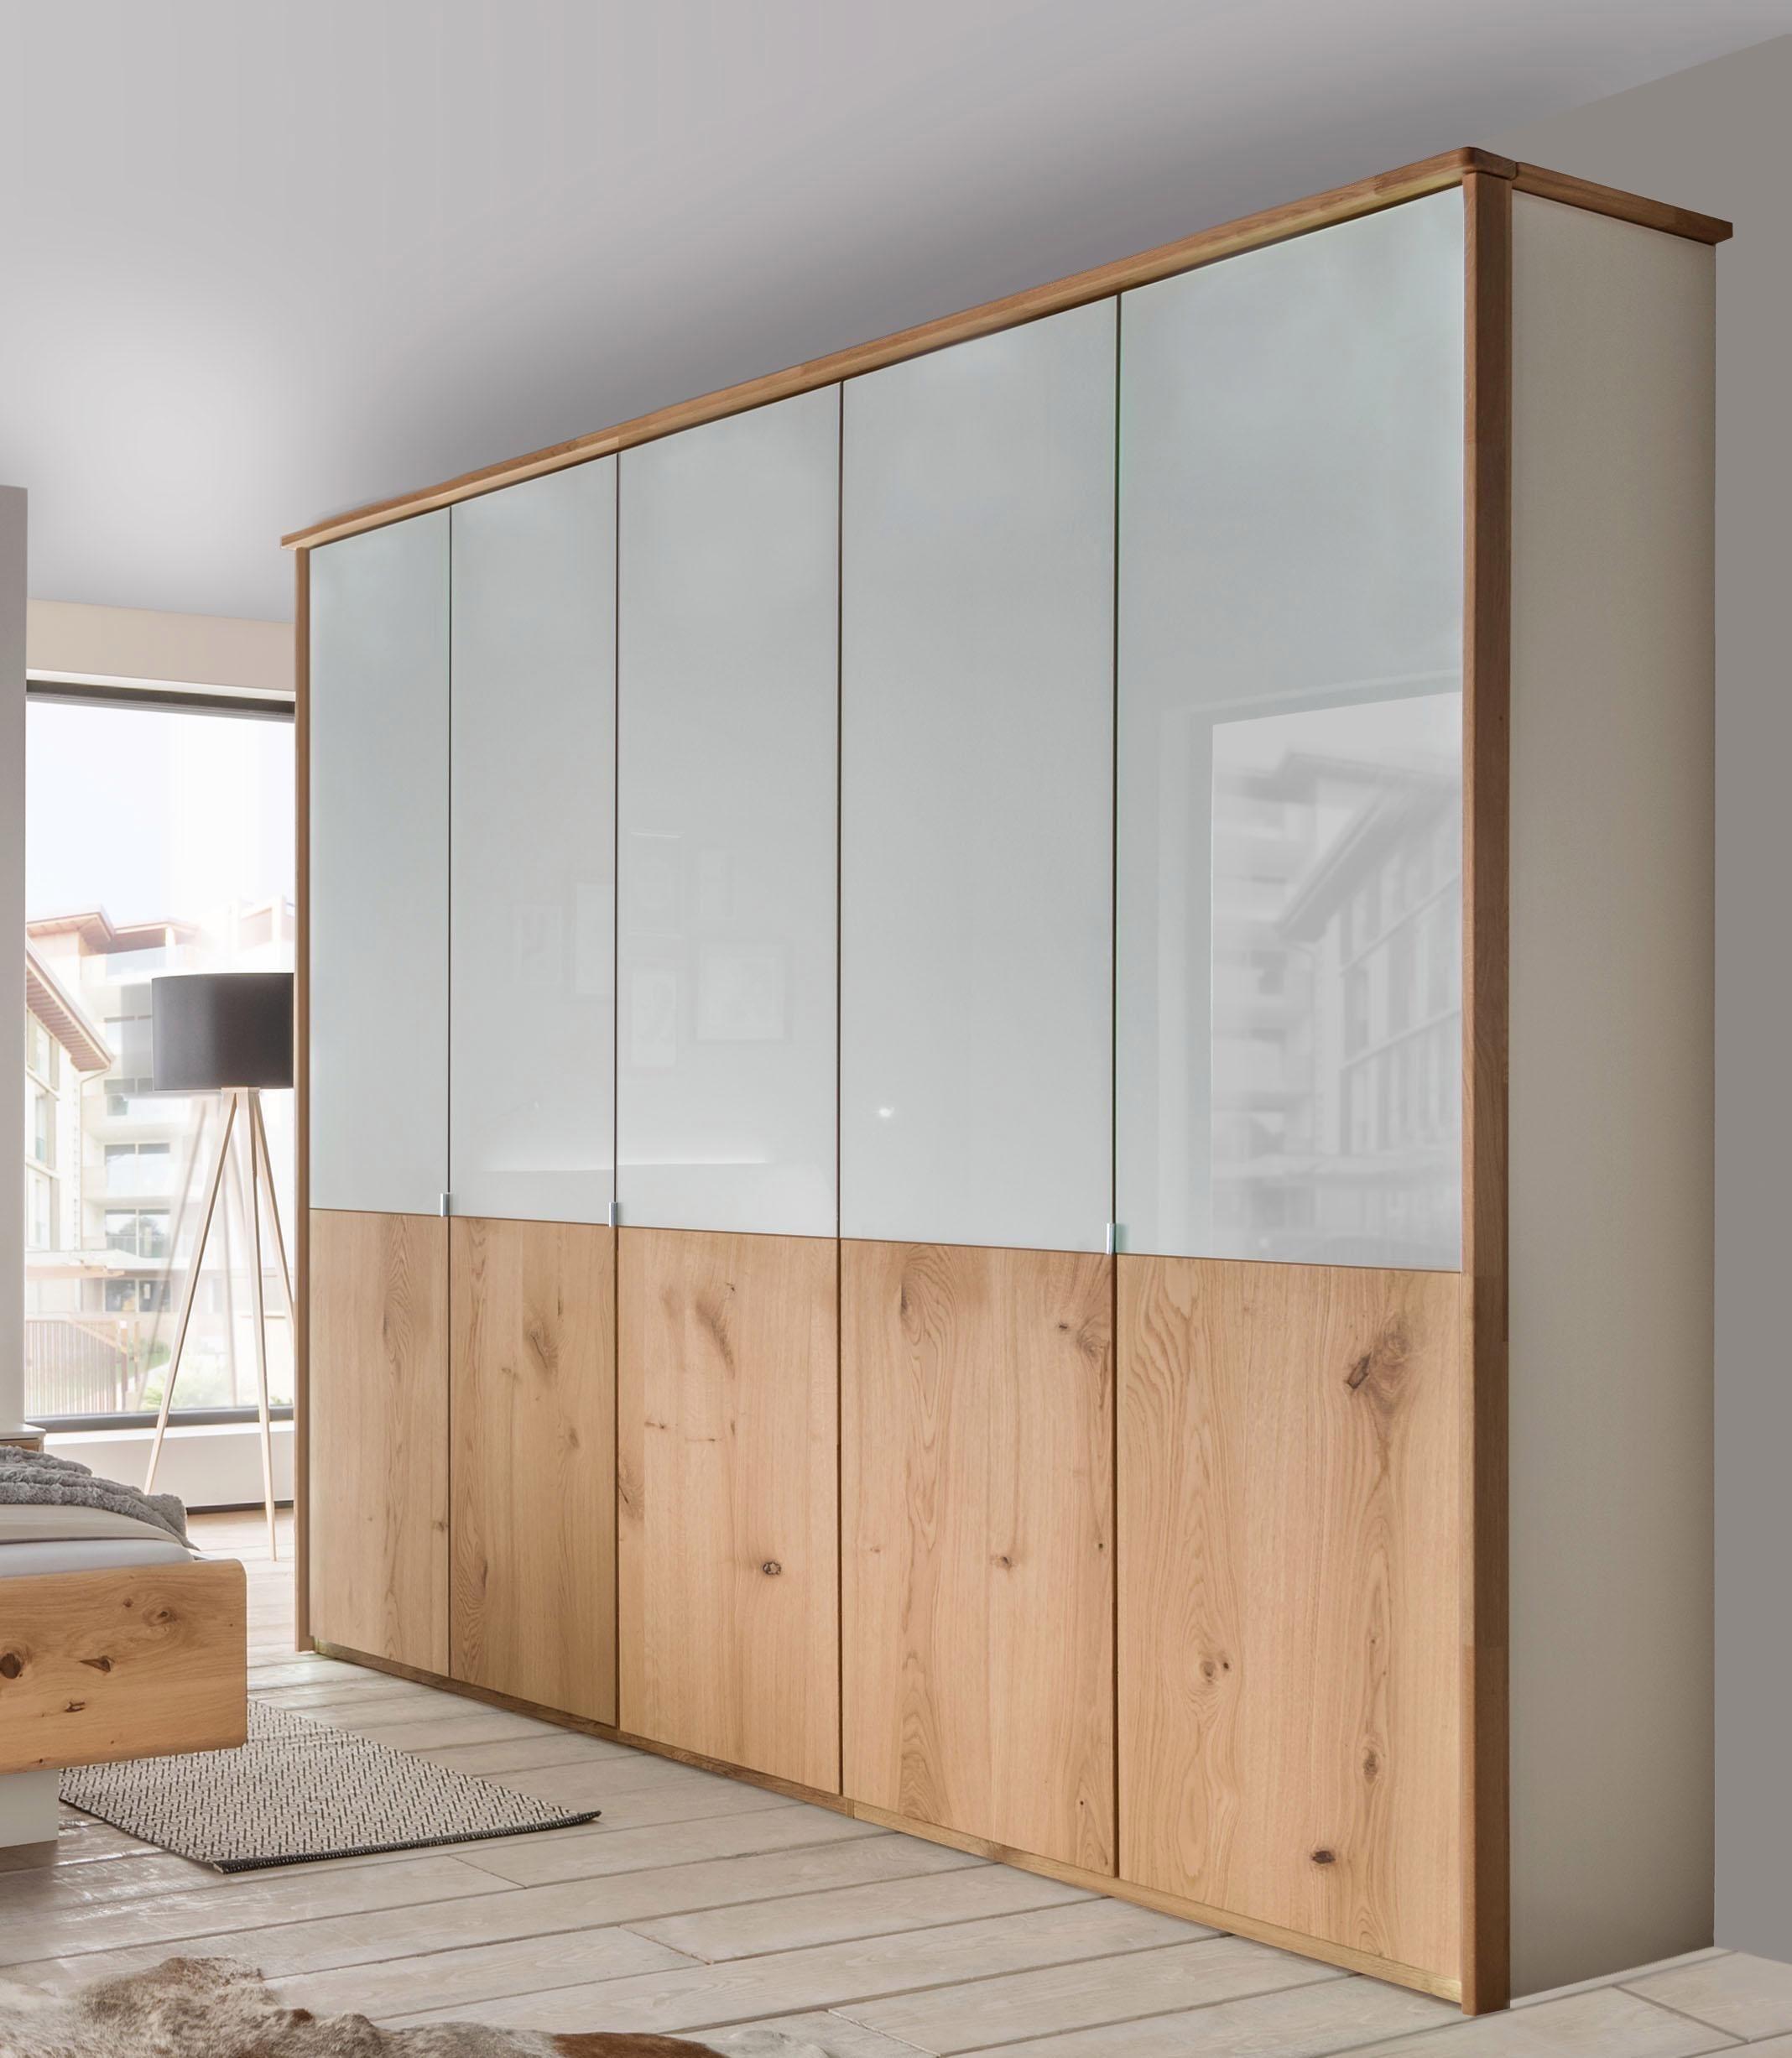 Wiemann Kleiderschrank, mit Echtholzfurnier und Glas-Elementen ...